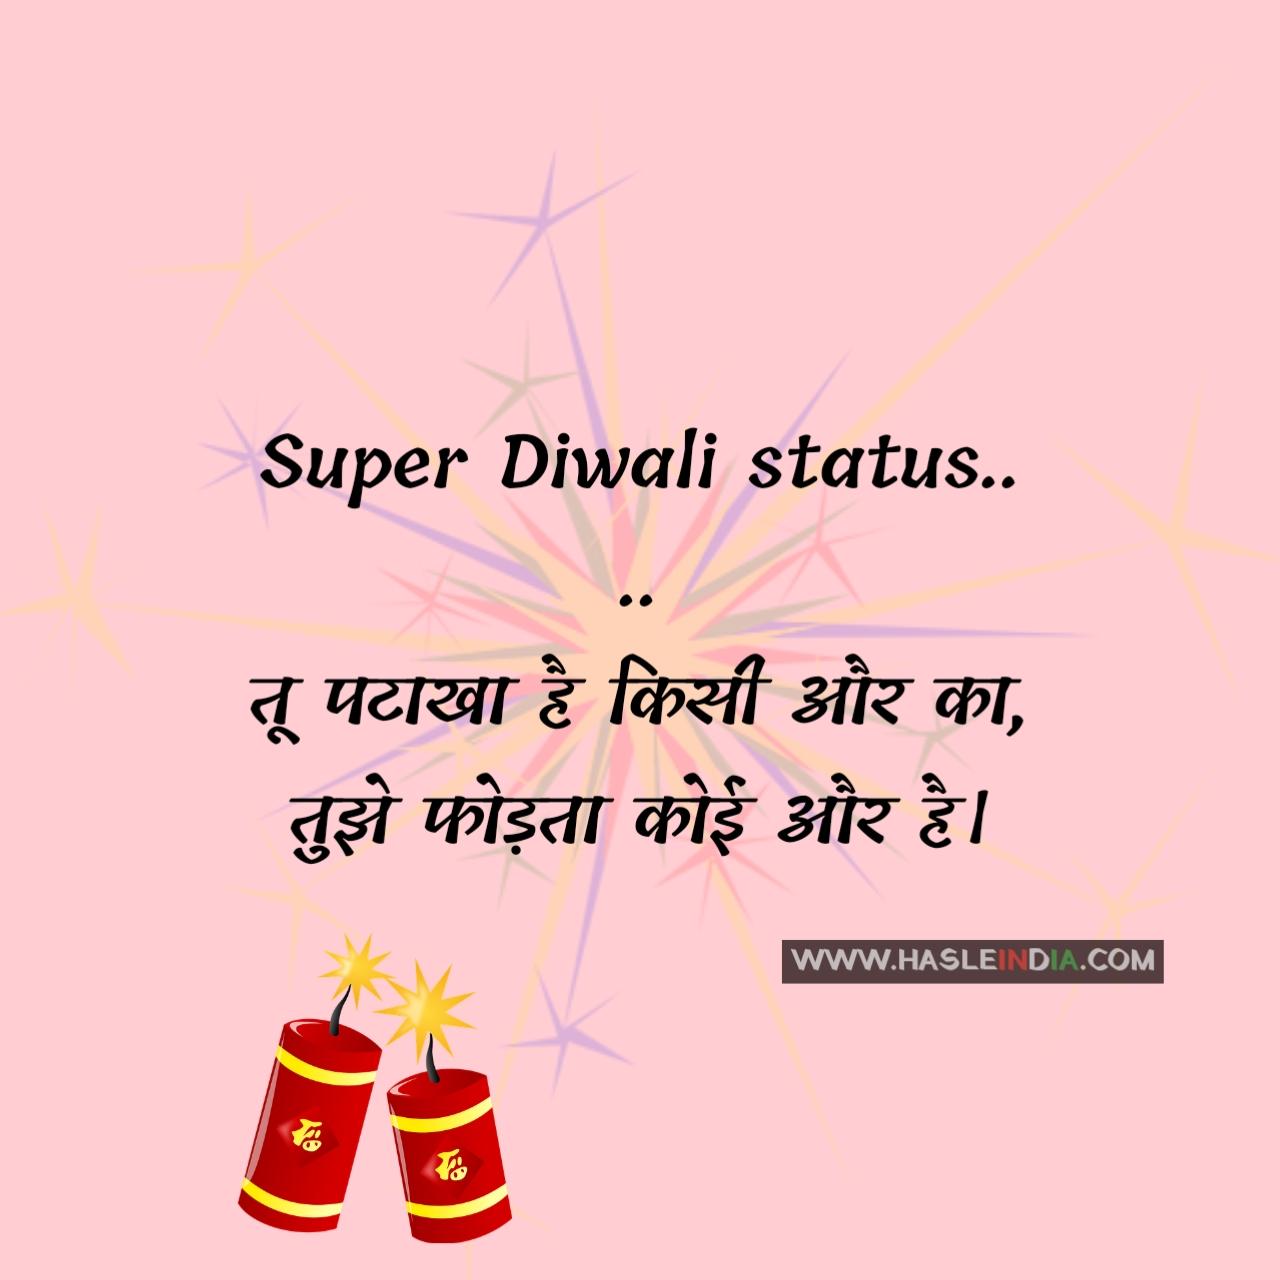 Diwali wishes, happy Diwali, happy Diwali shayari, happy Diwali pics,